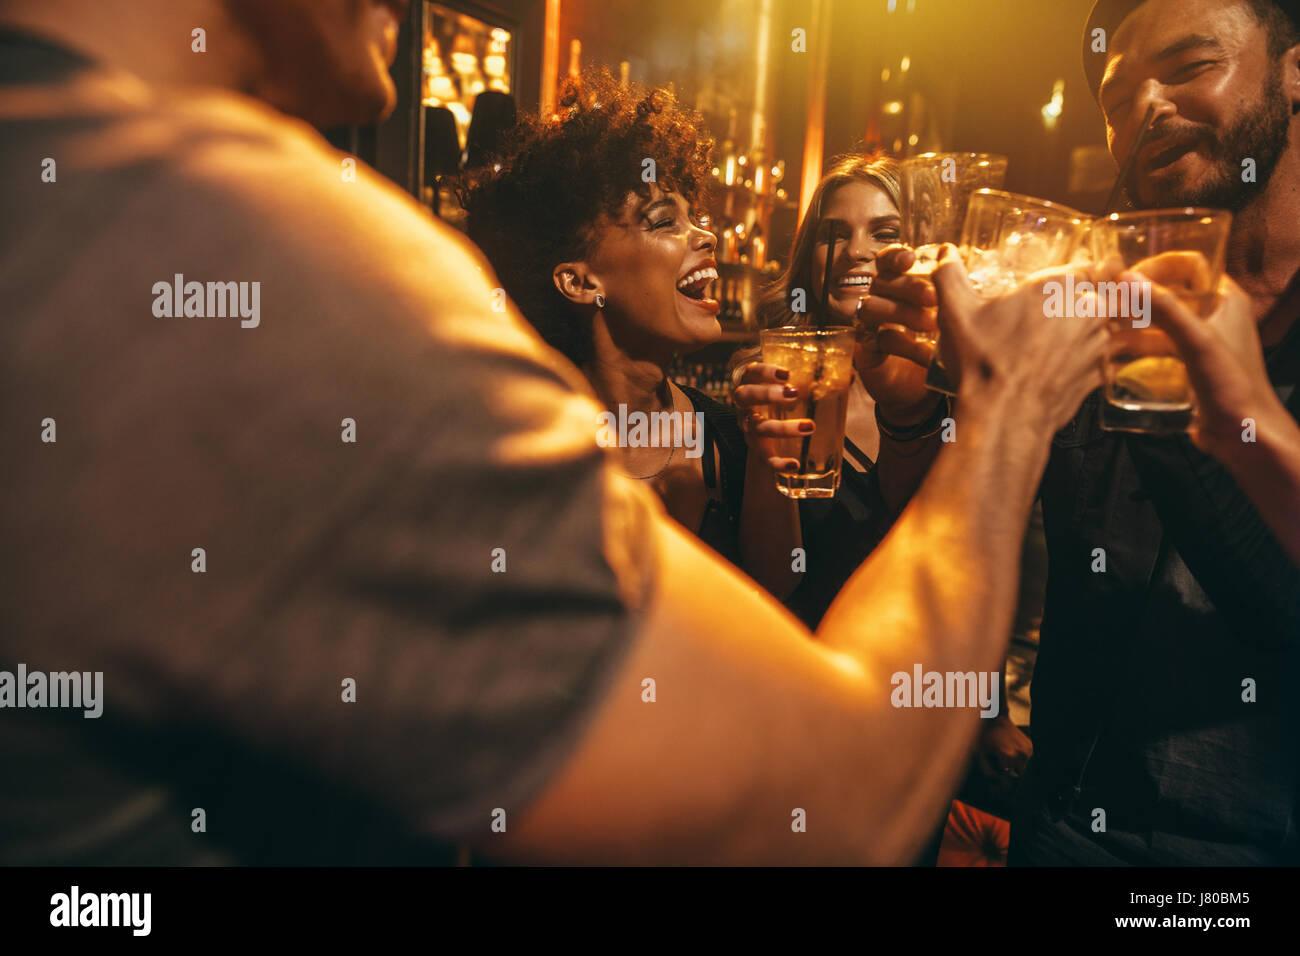 Grupo de gente feliz y disfrutar de una copa en el bar. Jóvenes amigos en la discoteca cócteles de tostado. Imagen De Stock